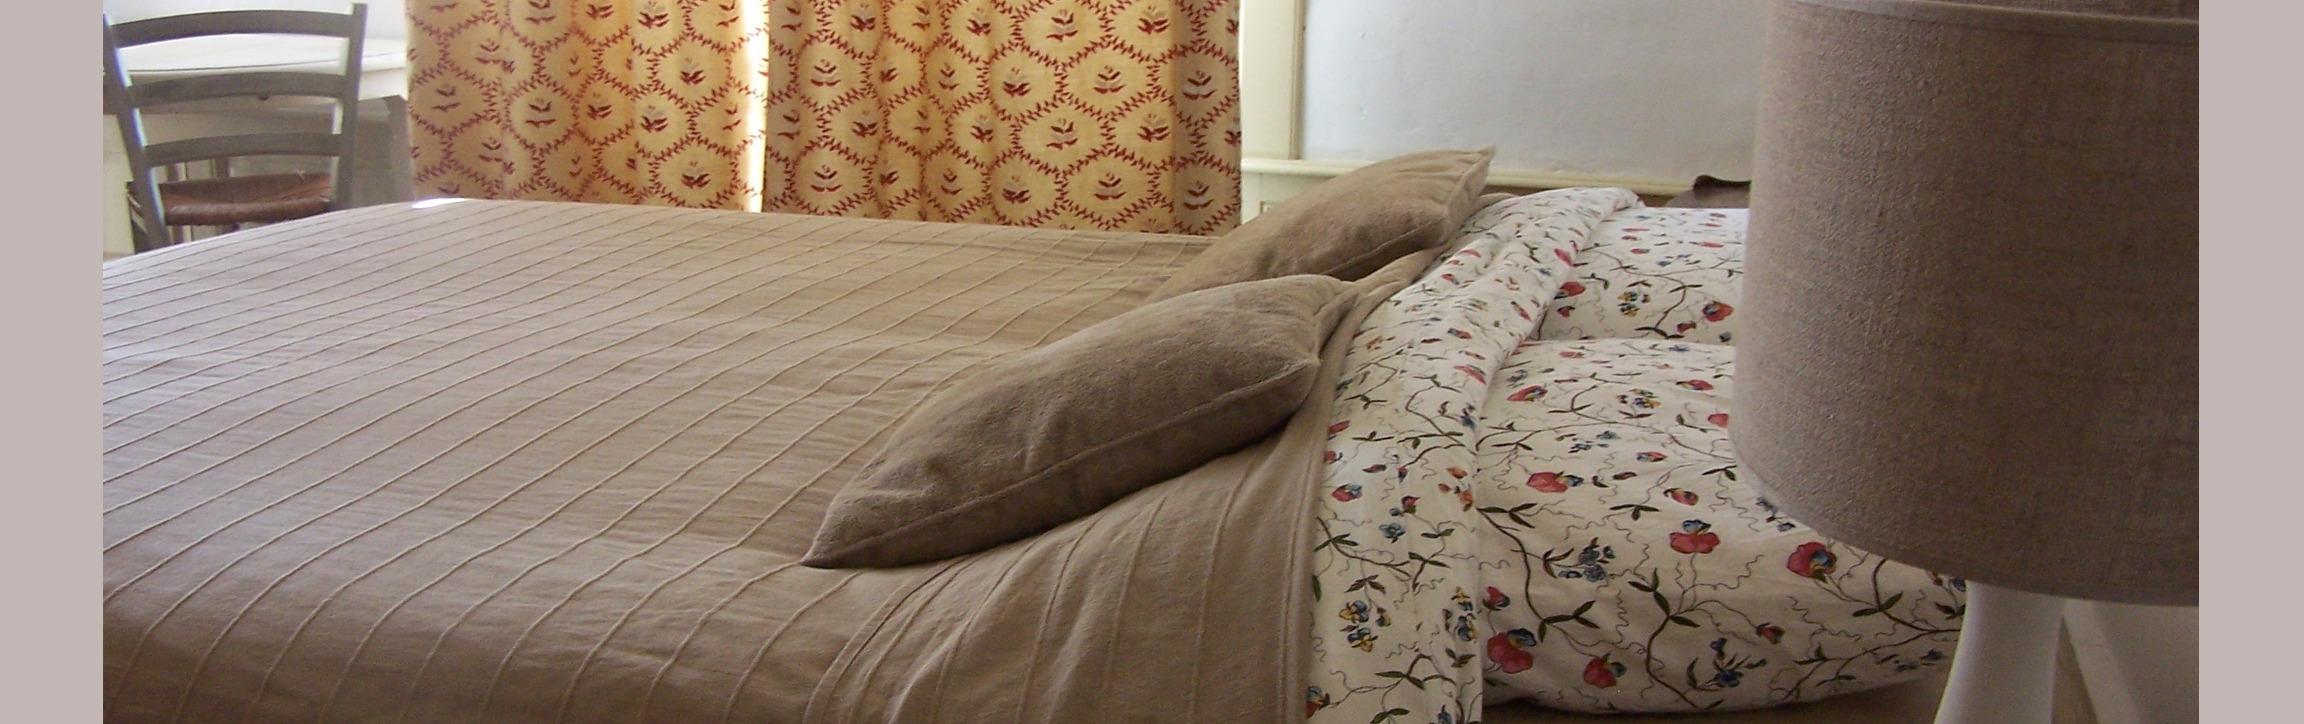 opgemaakt bed met schemerlamp